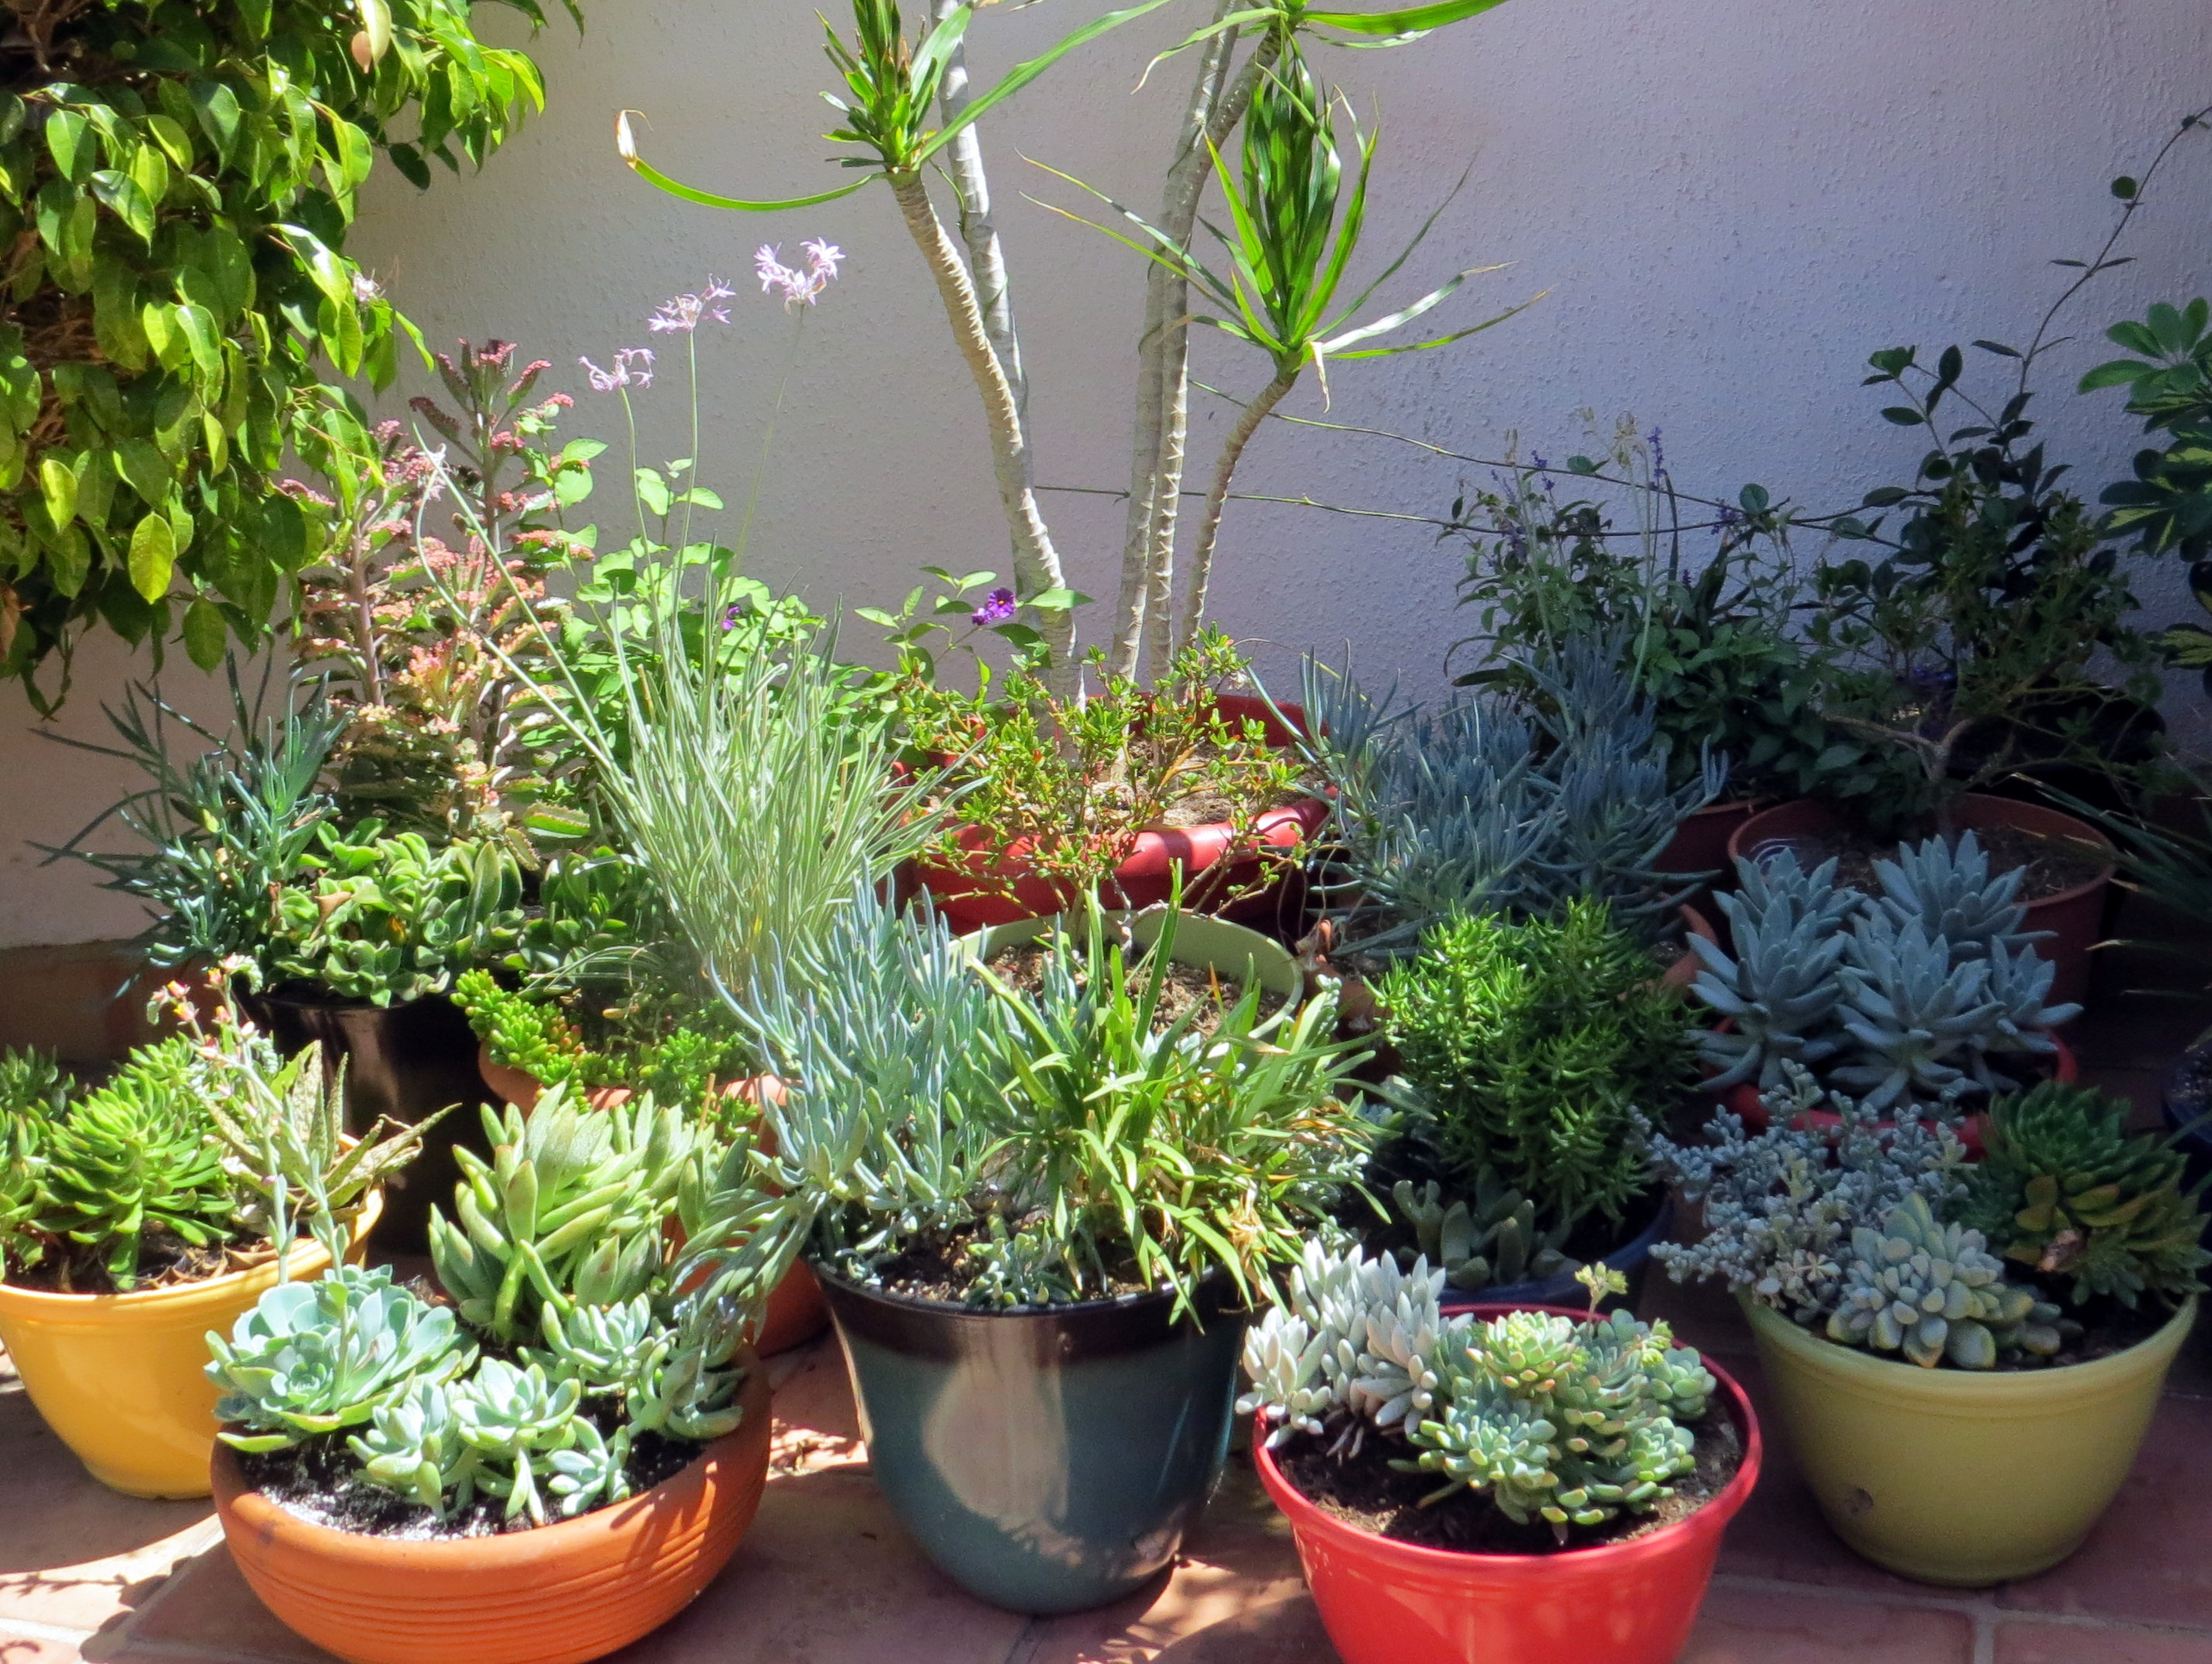 Elegant Green Plants for Garden